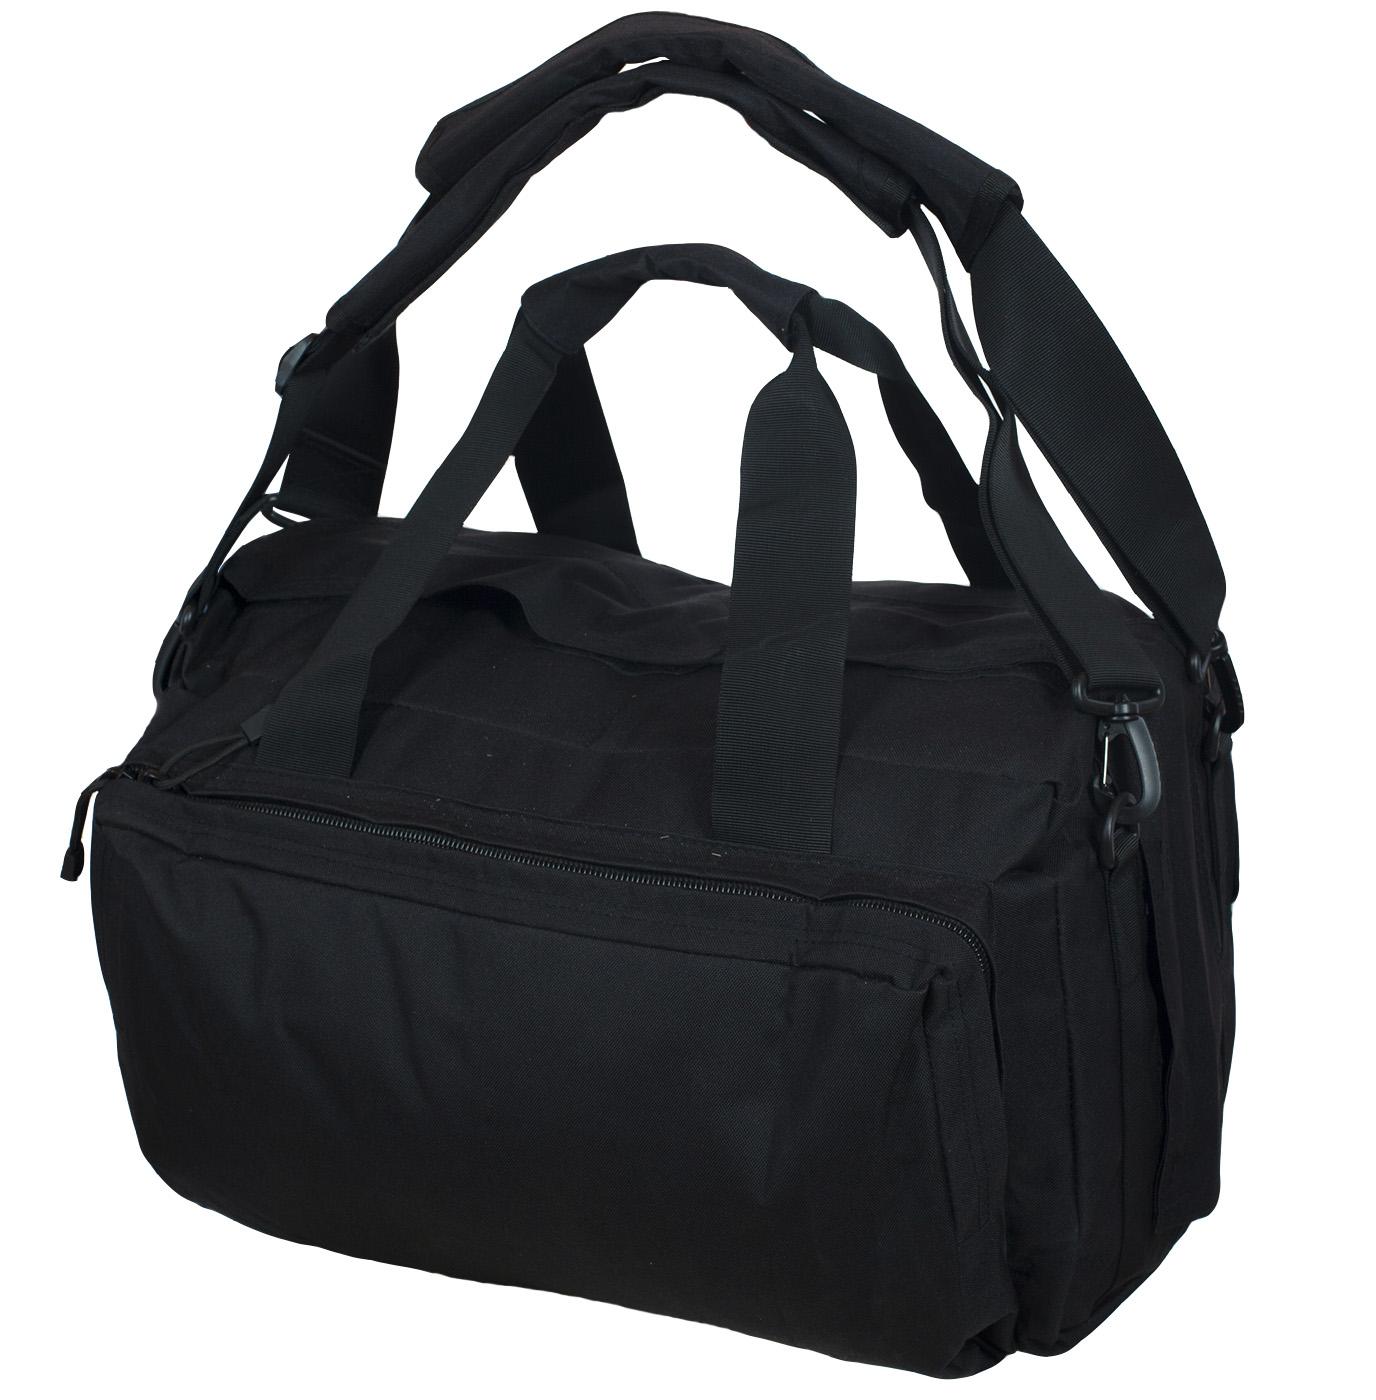 Черная полевая сумка-рюкзак с шевроном МВД купить с доставкой